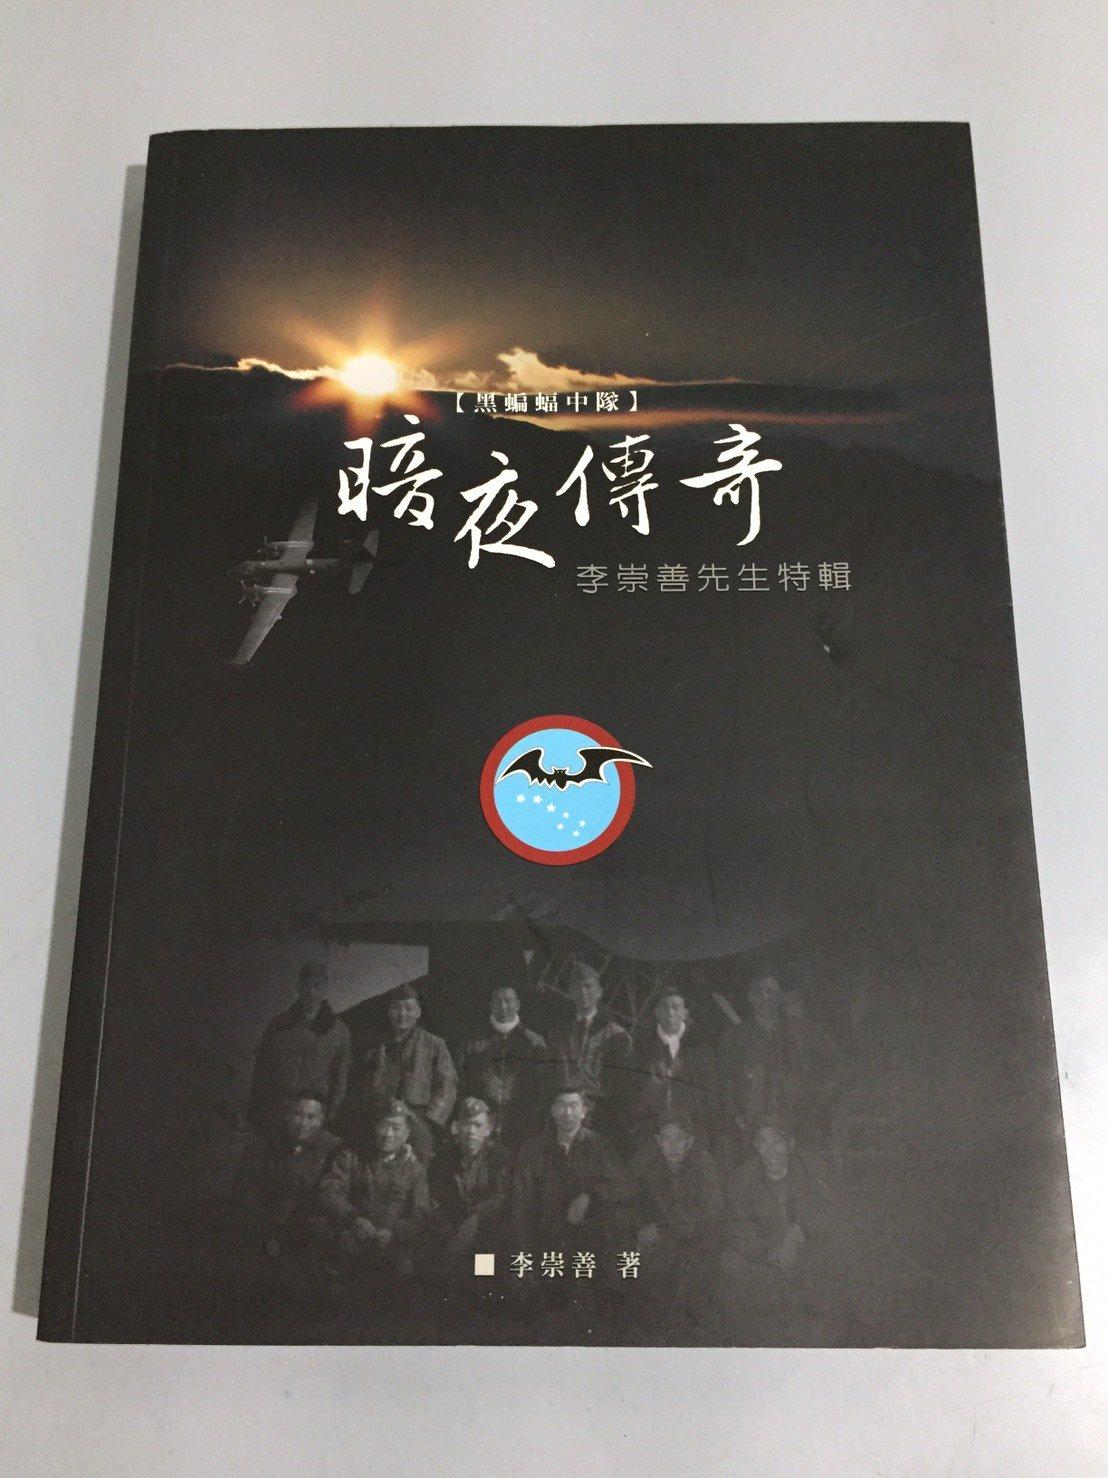 F2-8《好書321KB》黑蝙蝠中隊 暗夜傳奇 李崇善先生特輯/人物歷史宗教